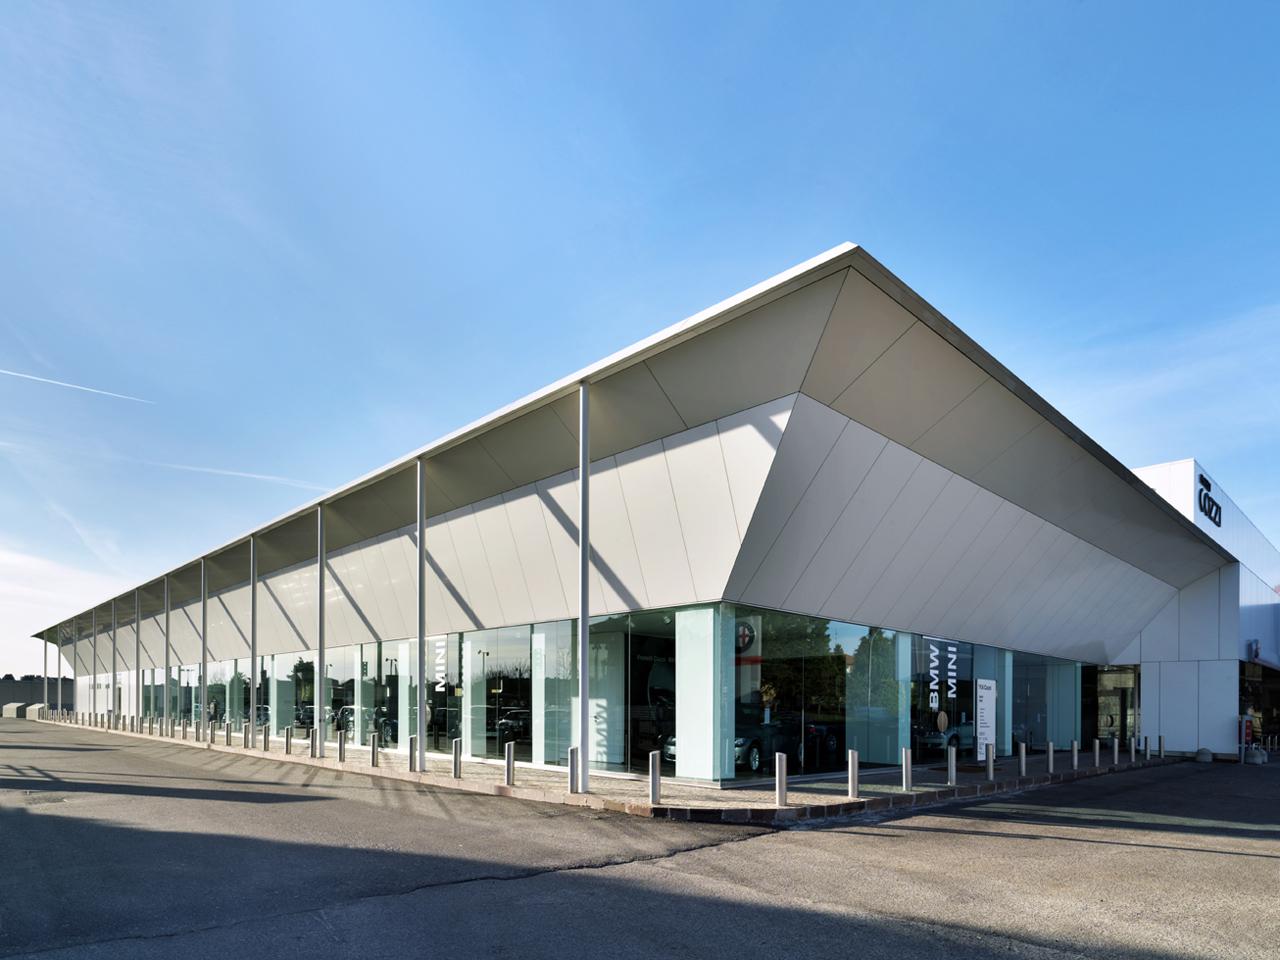 Commercial Building Fratelli Cozzi Auto / Buratti+Battiston Architects, Courtesy of Buratti+Battiston Architects